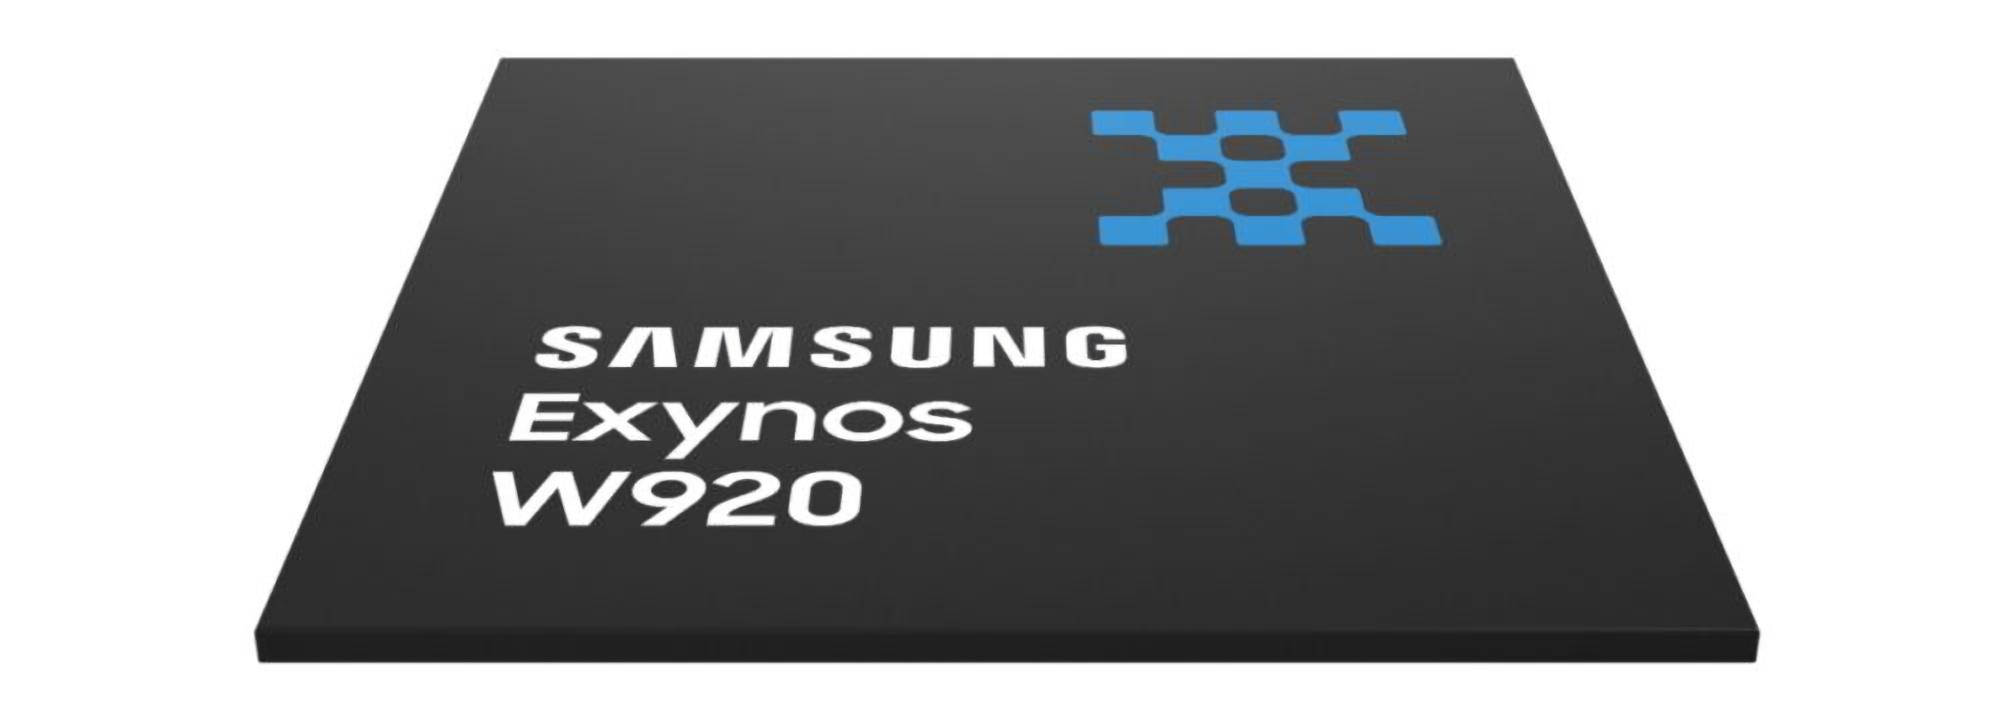 Samsung Exynos W920 est le premier processeur 5 nm au